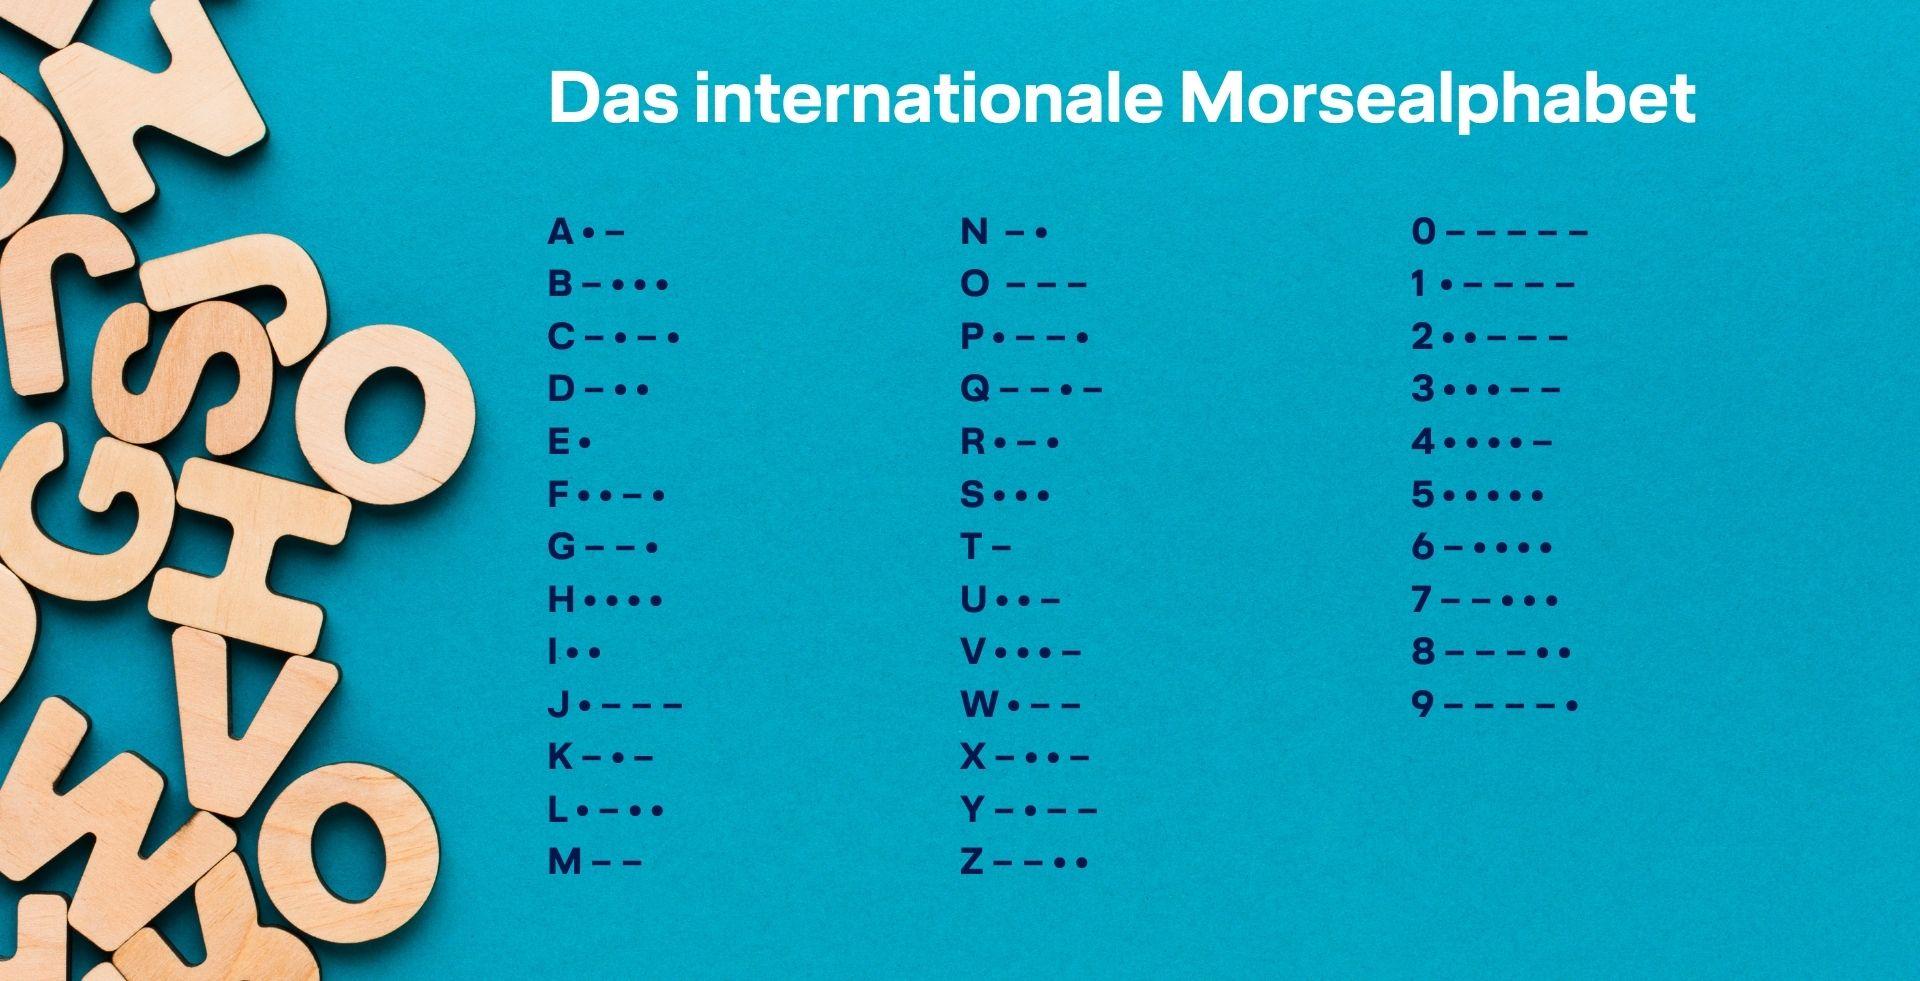 Das internationale Morsealphabet